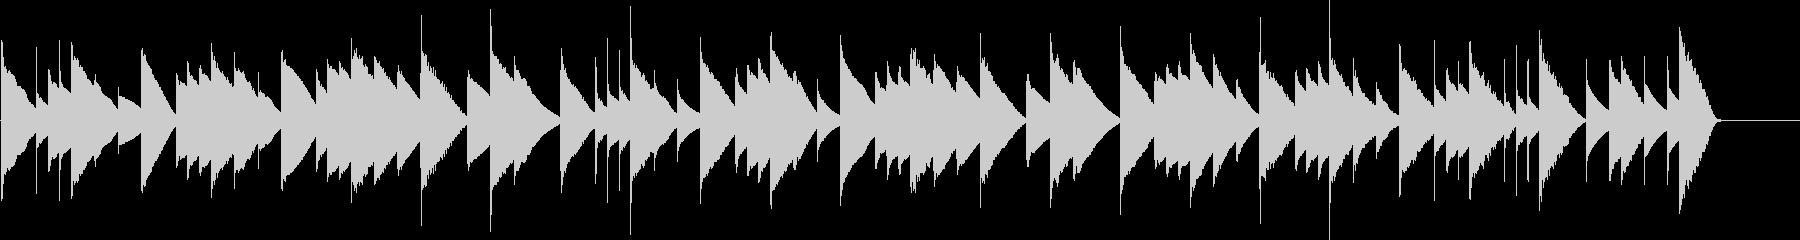 カルメン 前奏曲(オルゴール)の未再生の波形